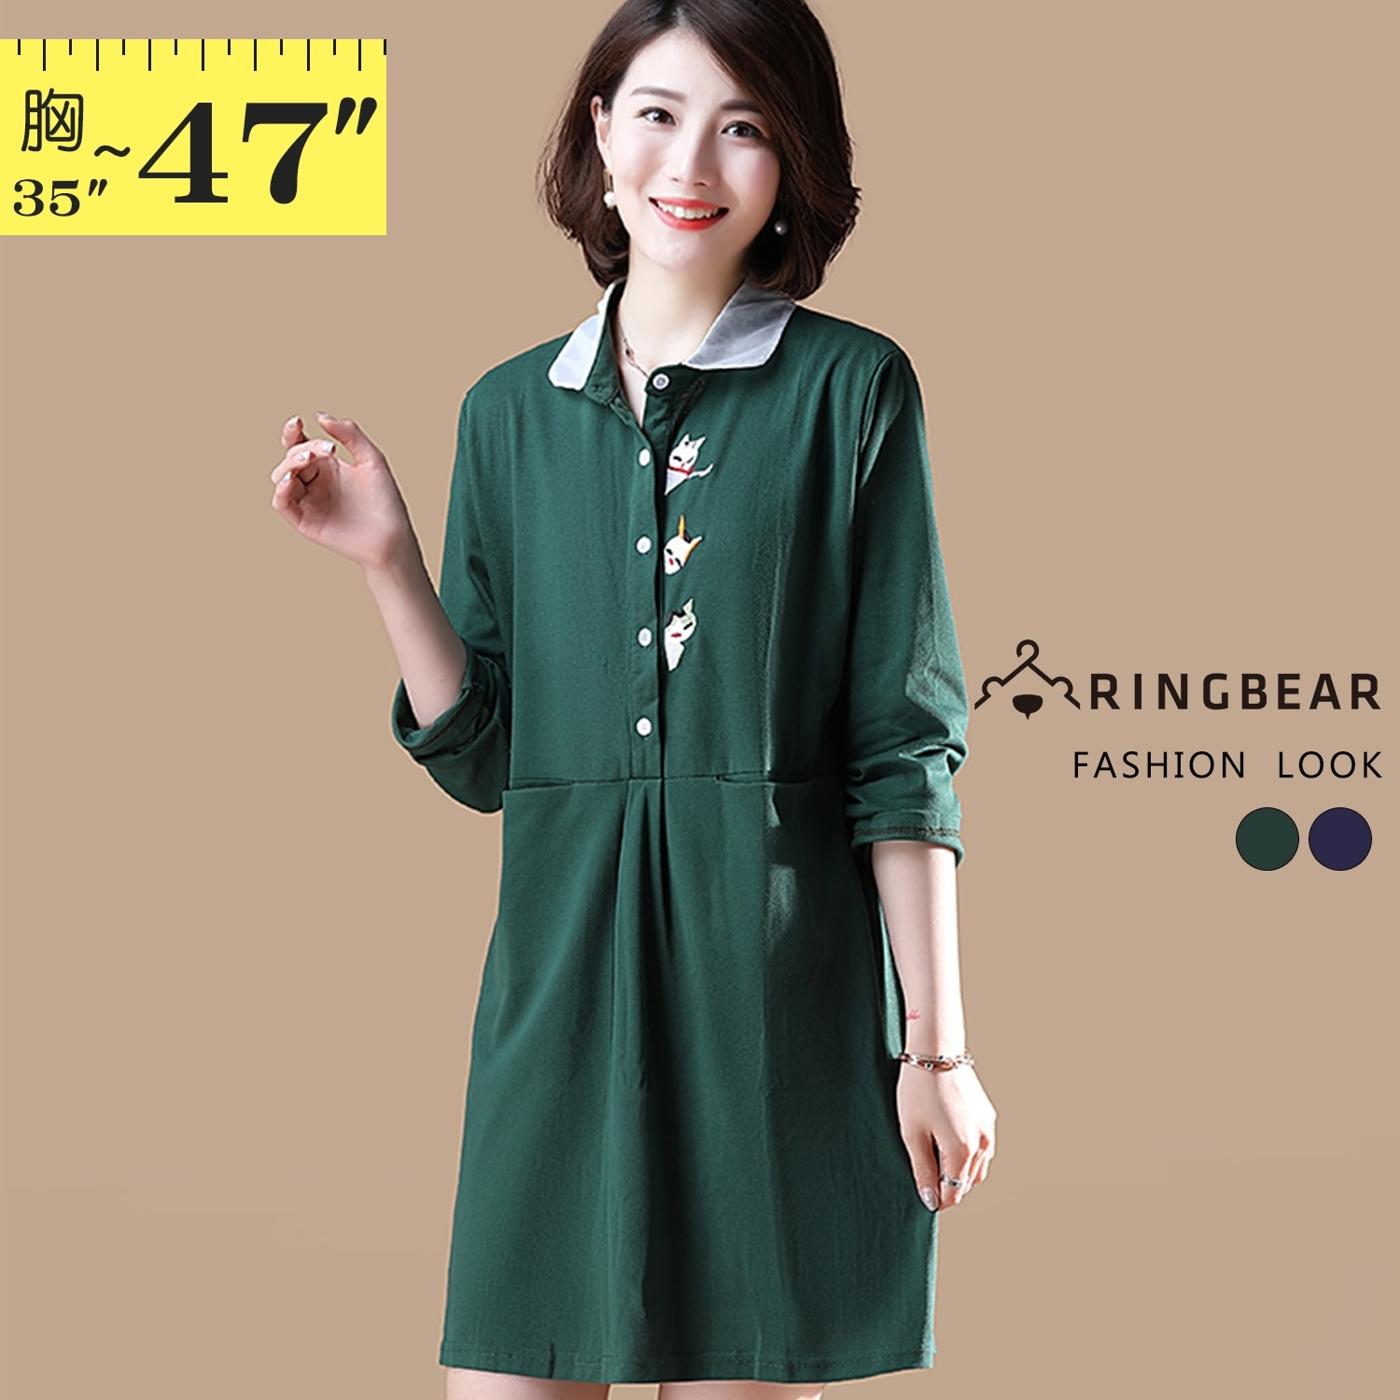 連身裙--可愛胸前貓咪刺繡素面腰部口袋V型翻領排扣長袖洋裝(藍.綠L-3L)-A398眼圈熊中大尺碼◎